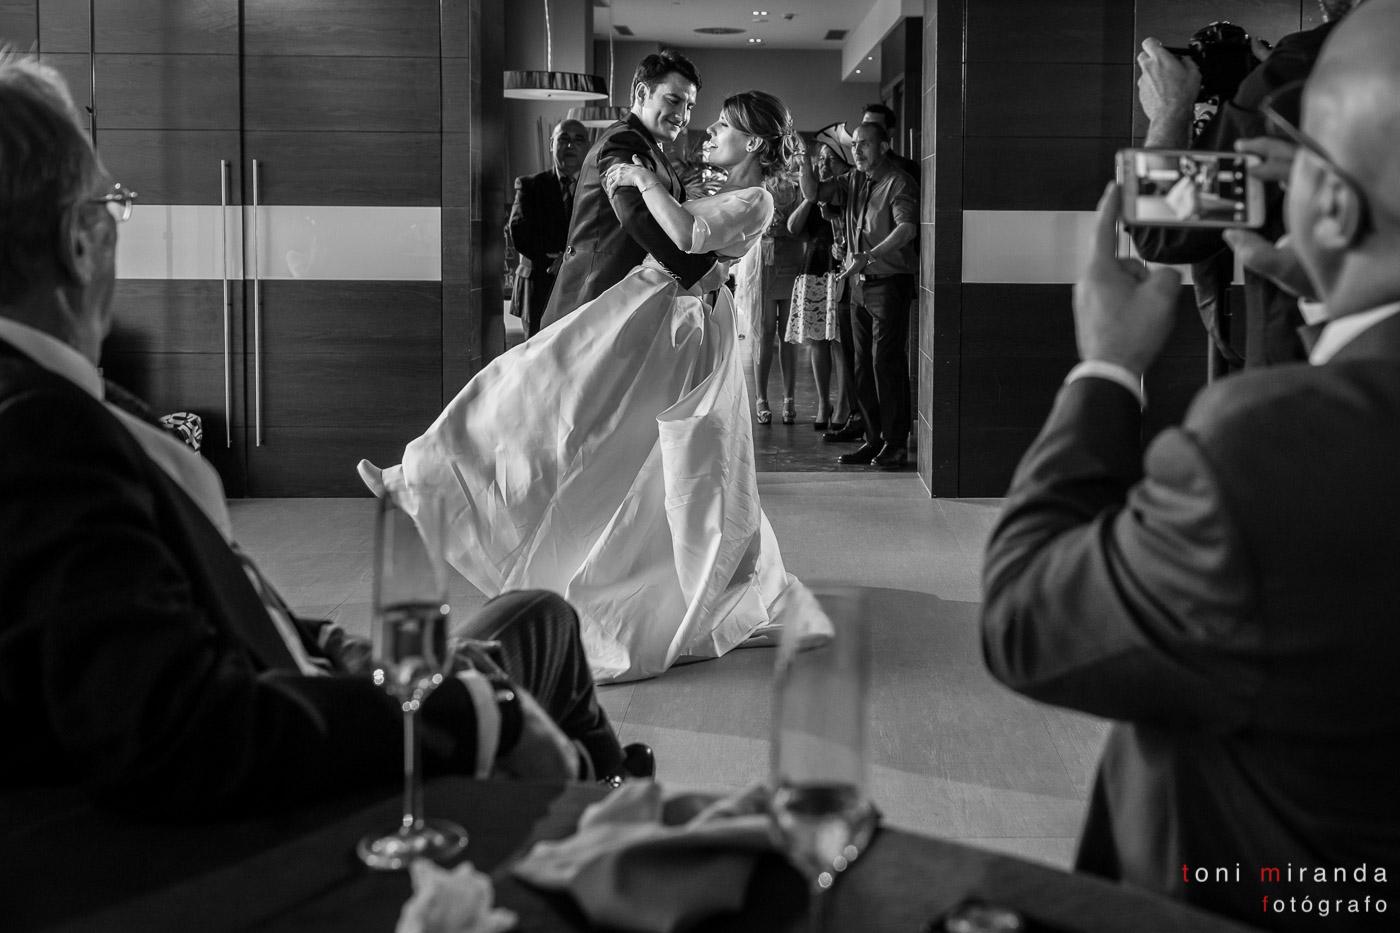 Recién casados en baile nupcial en banquete celebrado en Hotel Solymar de Calpe, Alicante